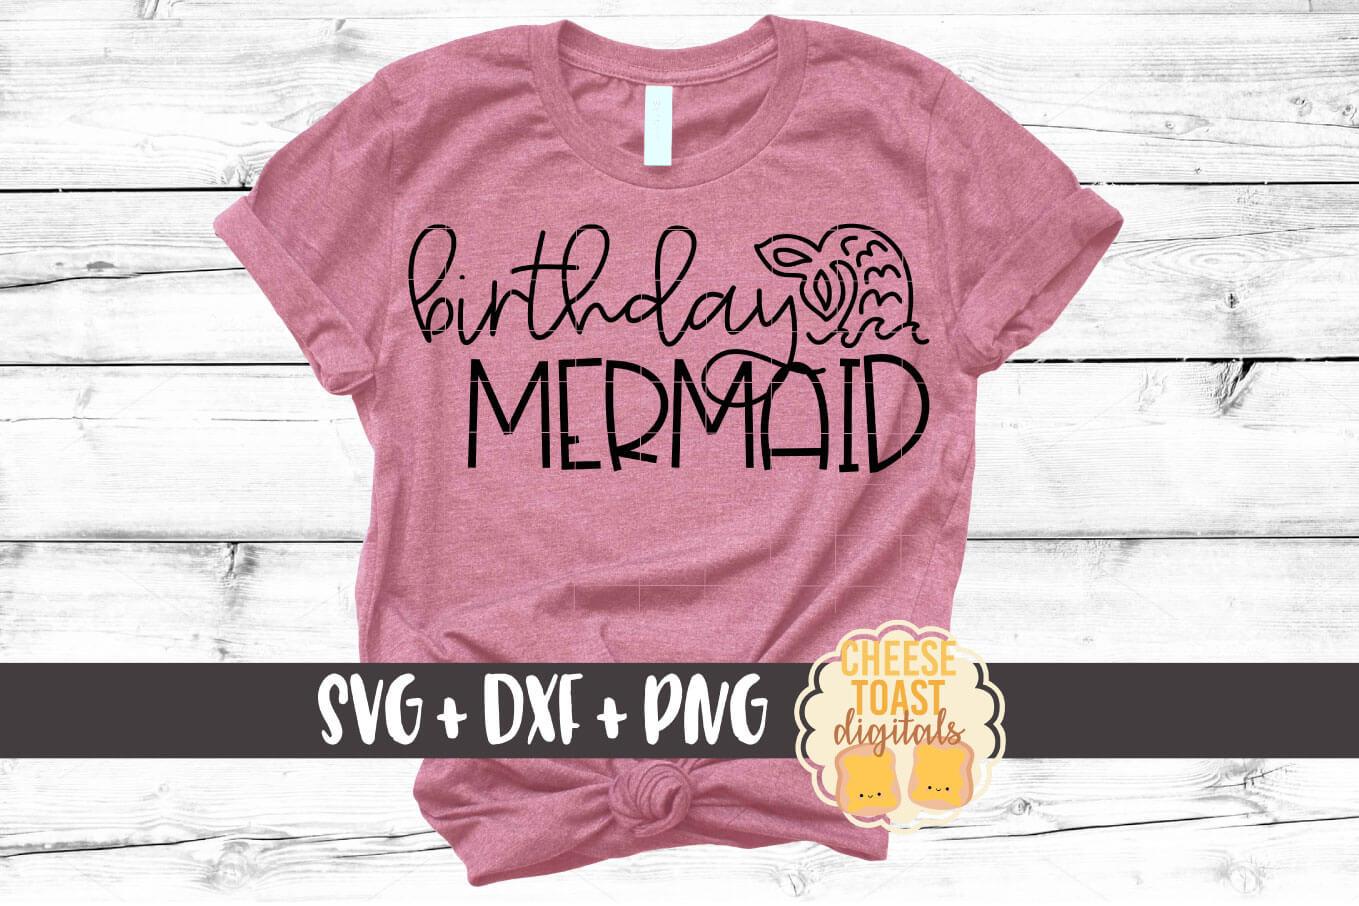 Birthday Mermaid - Mermaid SVG PNG DXF Cut Files example image 1